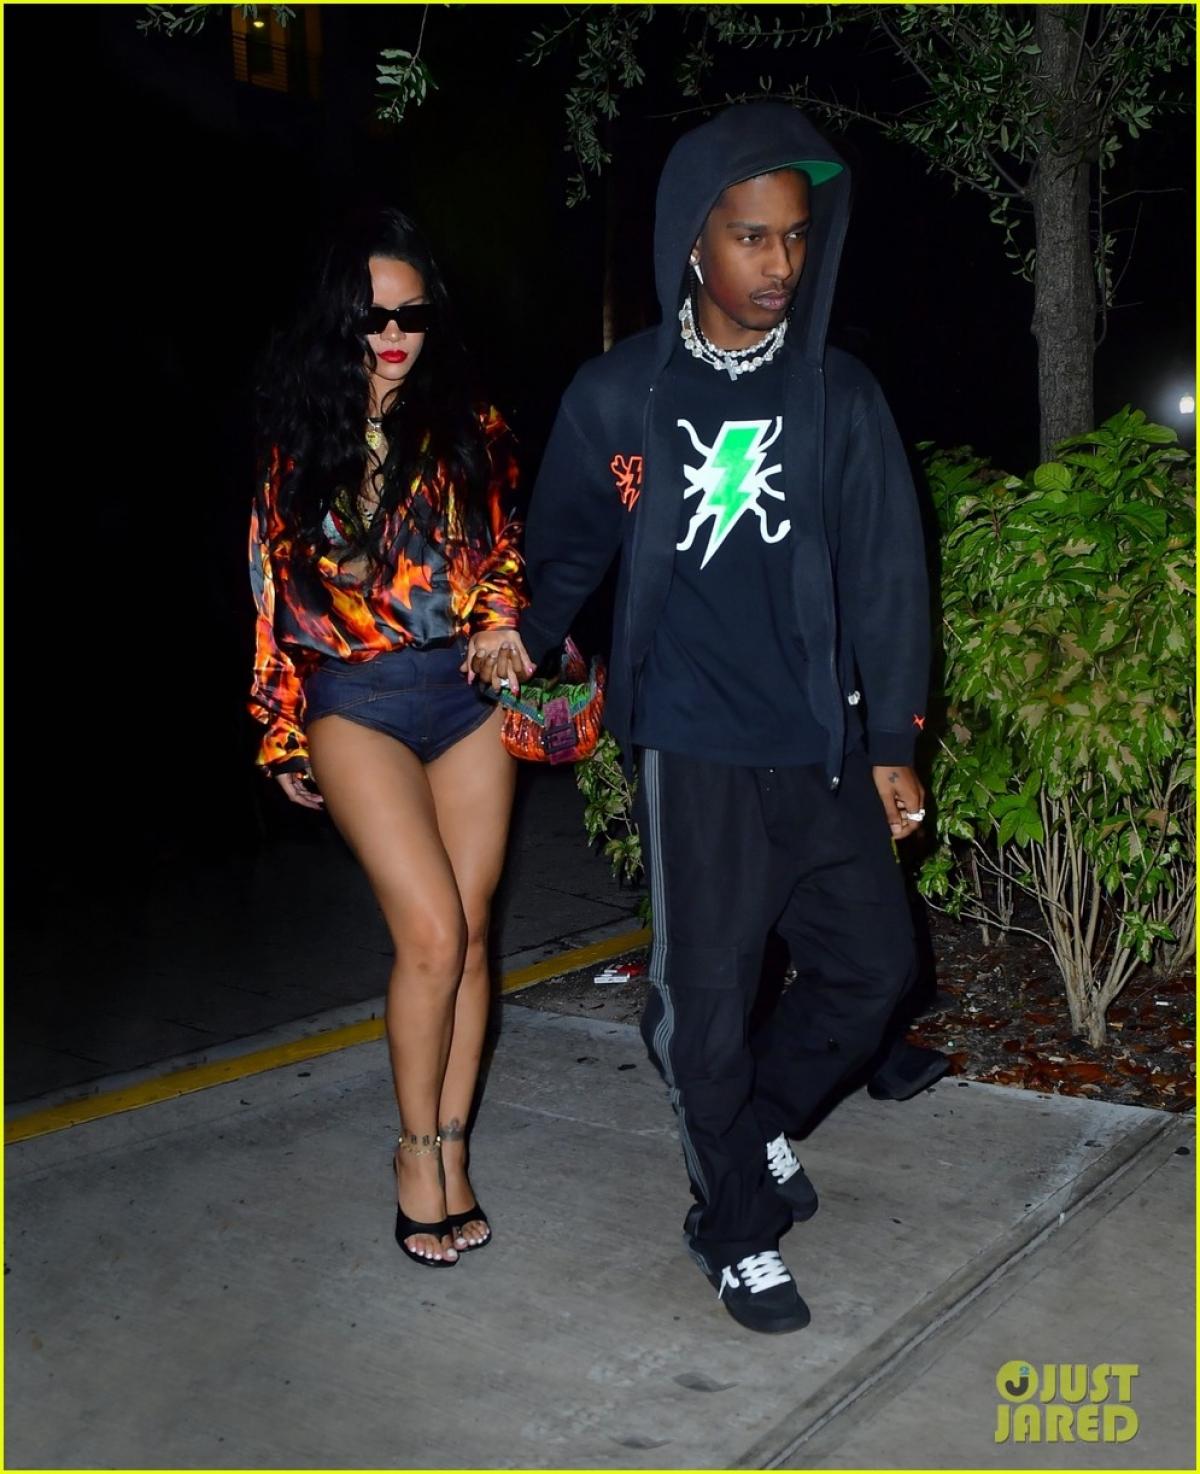 Rihanna và A $ AP Rocky cùng nhau đi ăn tối tại nhà hàng sang trọng ở Miami hôm 28/7.